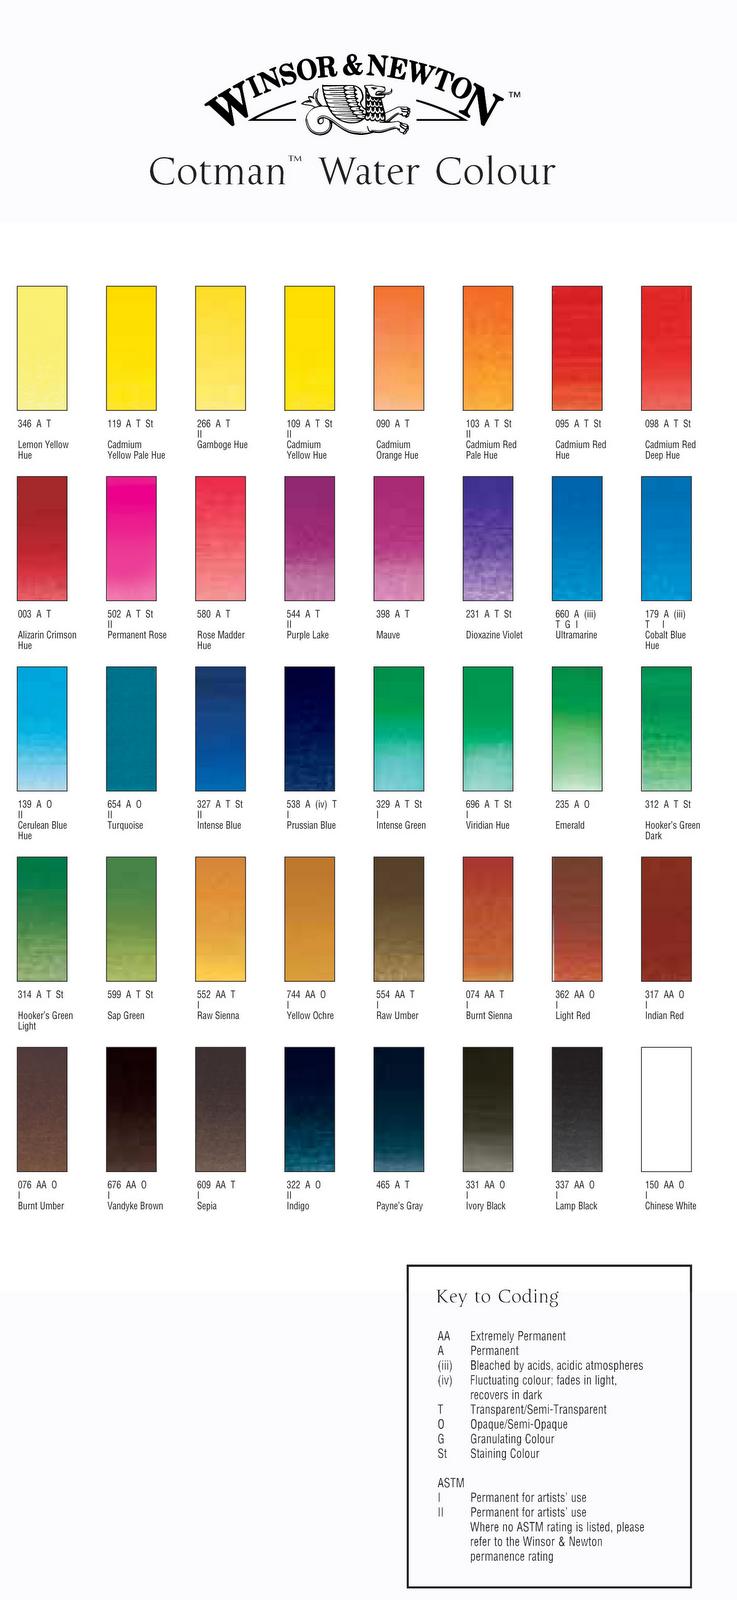 Cotman colori acquerello winsor newton caratteristiche e for Tabella per mescolare i colori